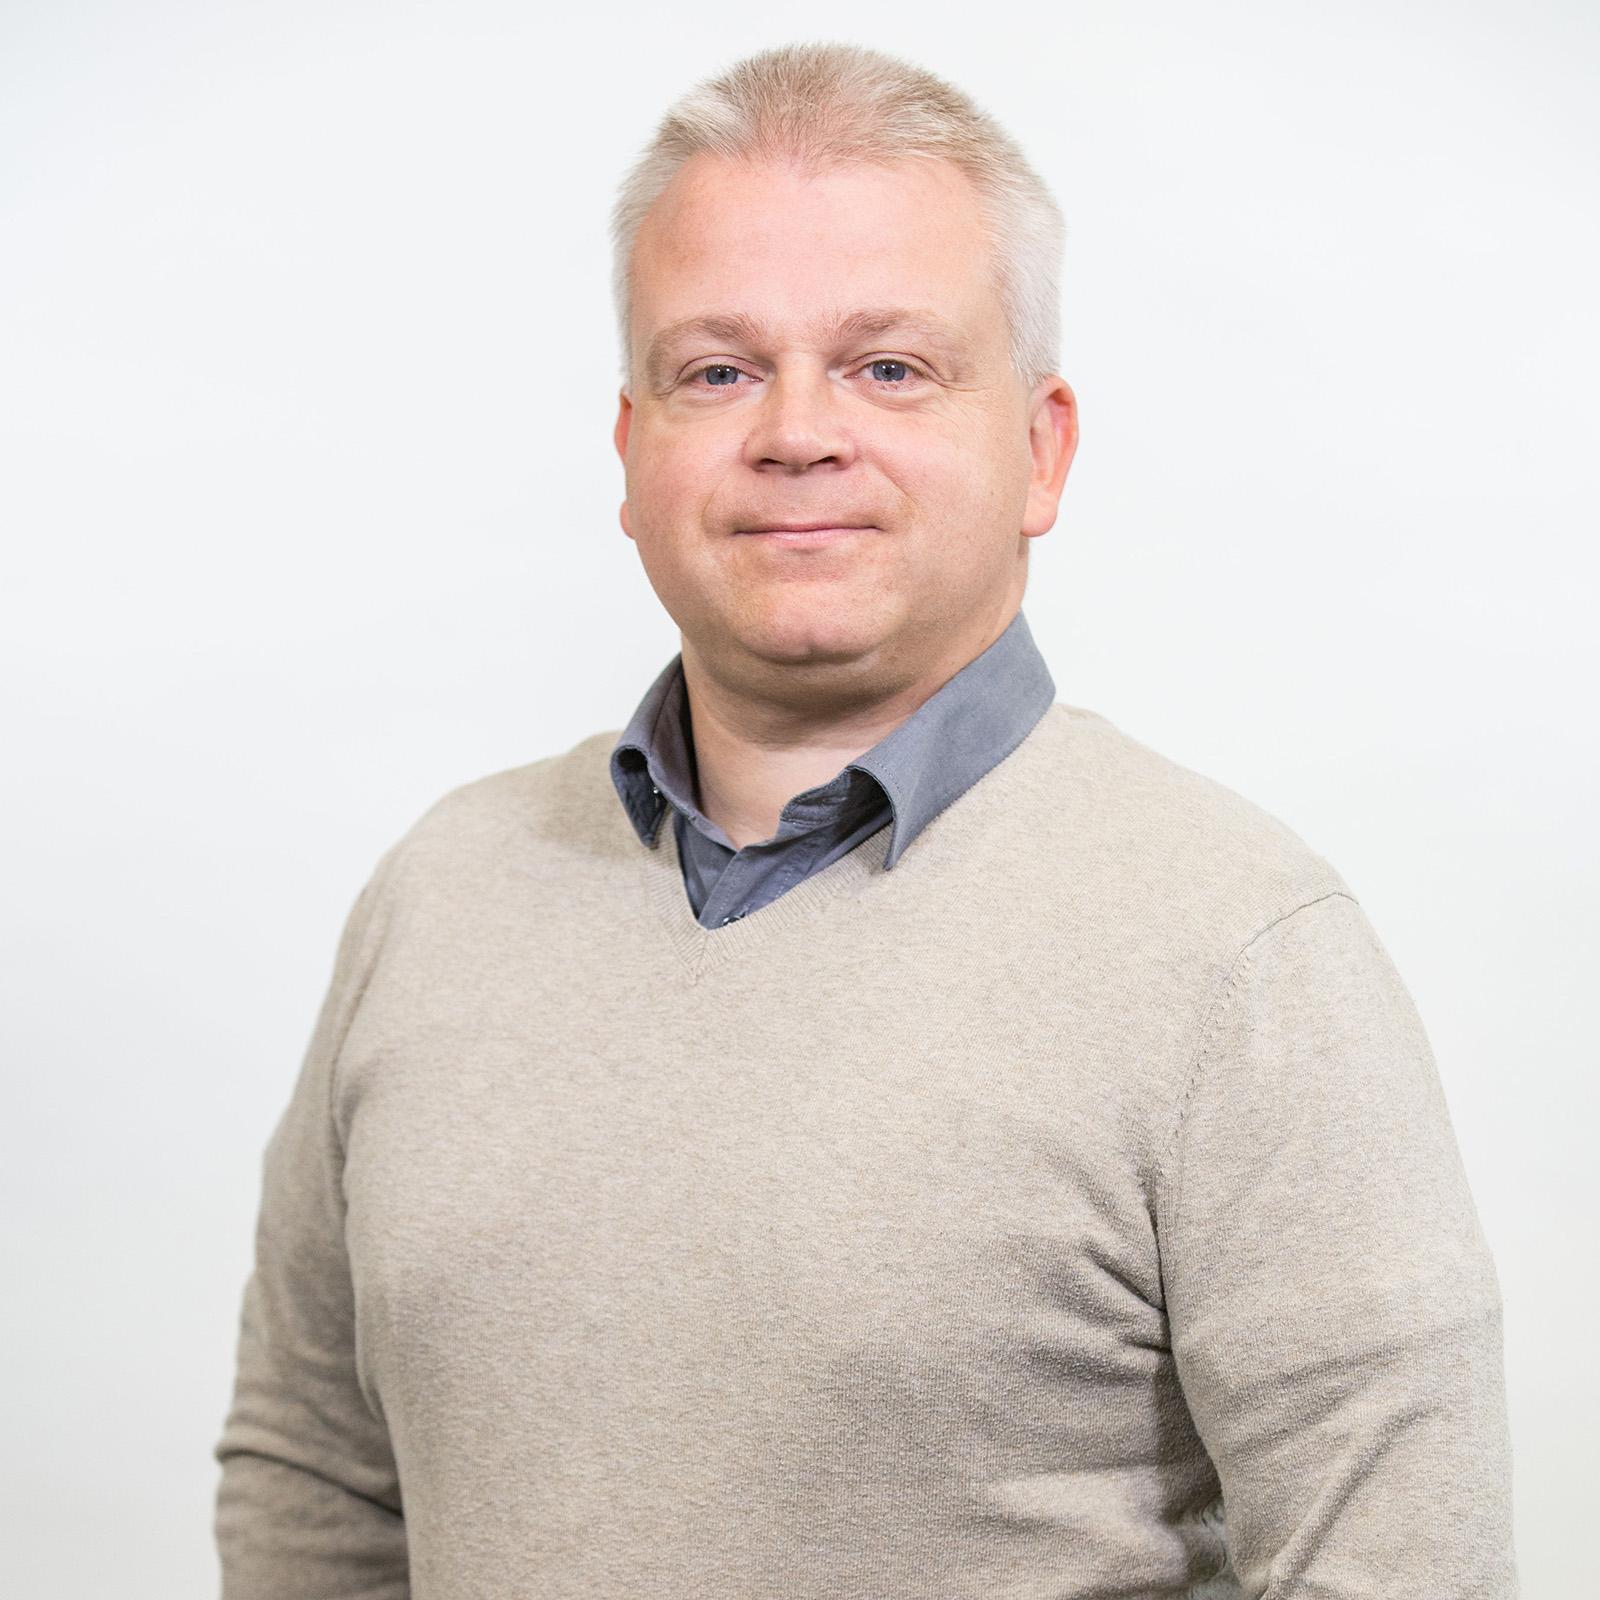 Christian Böhm